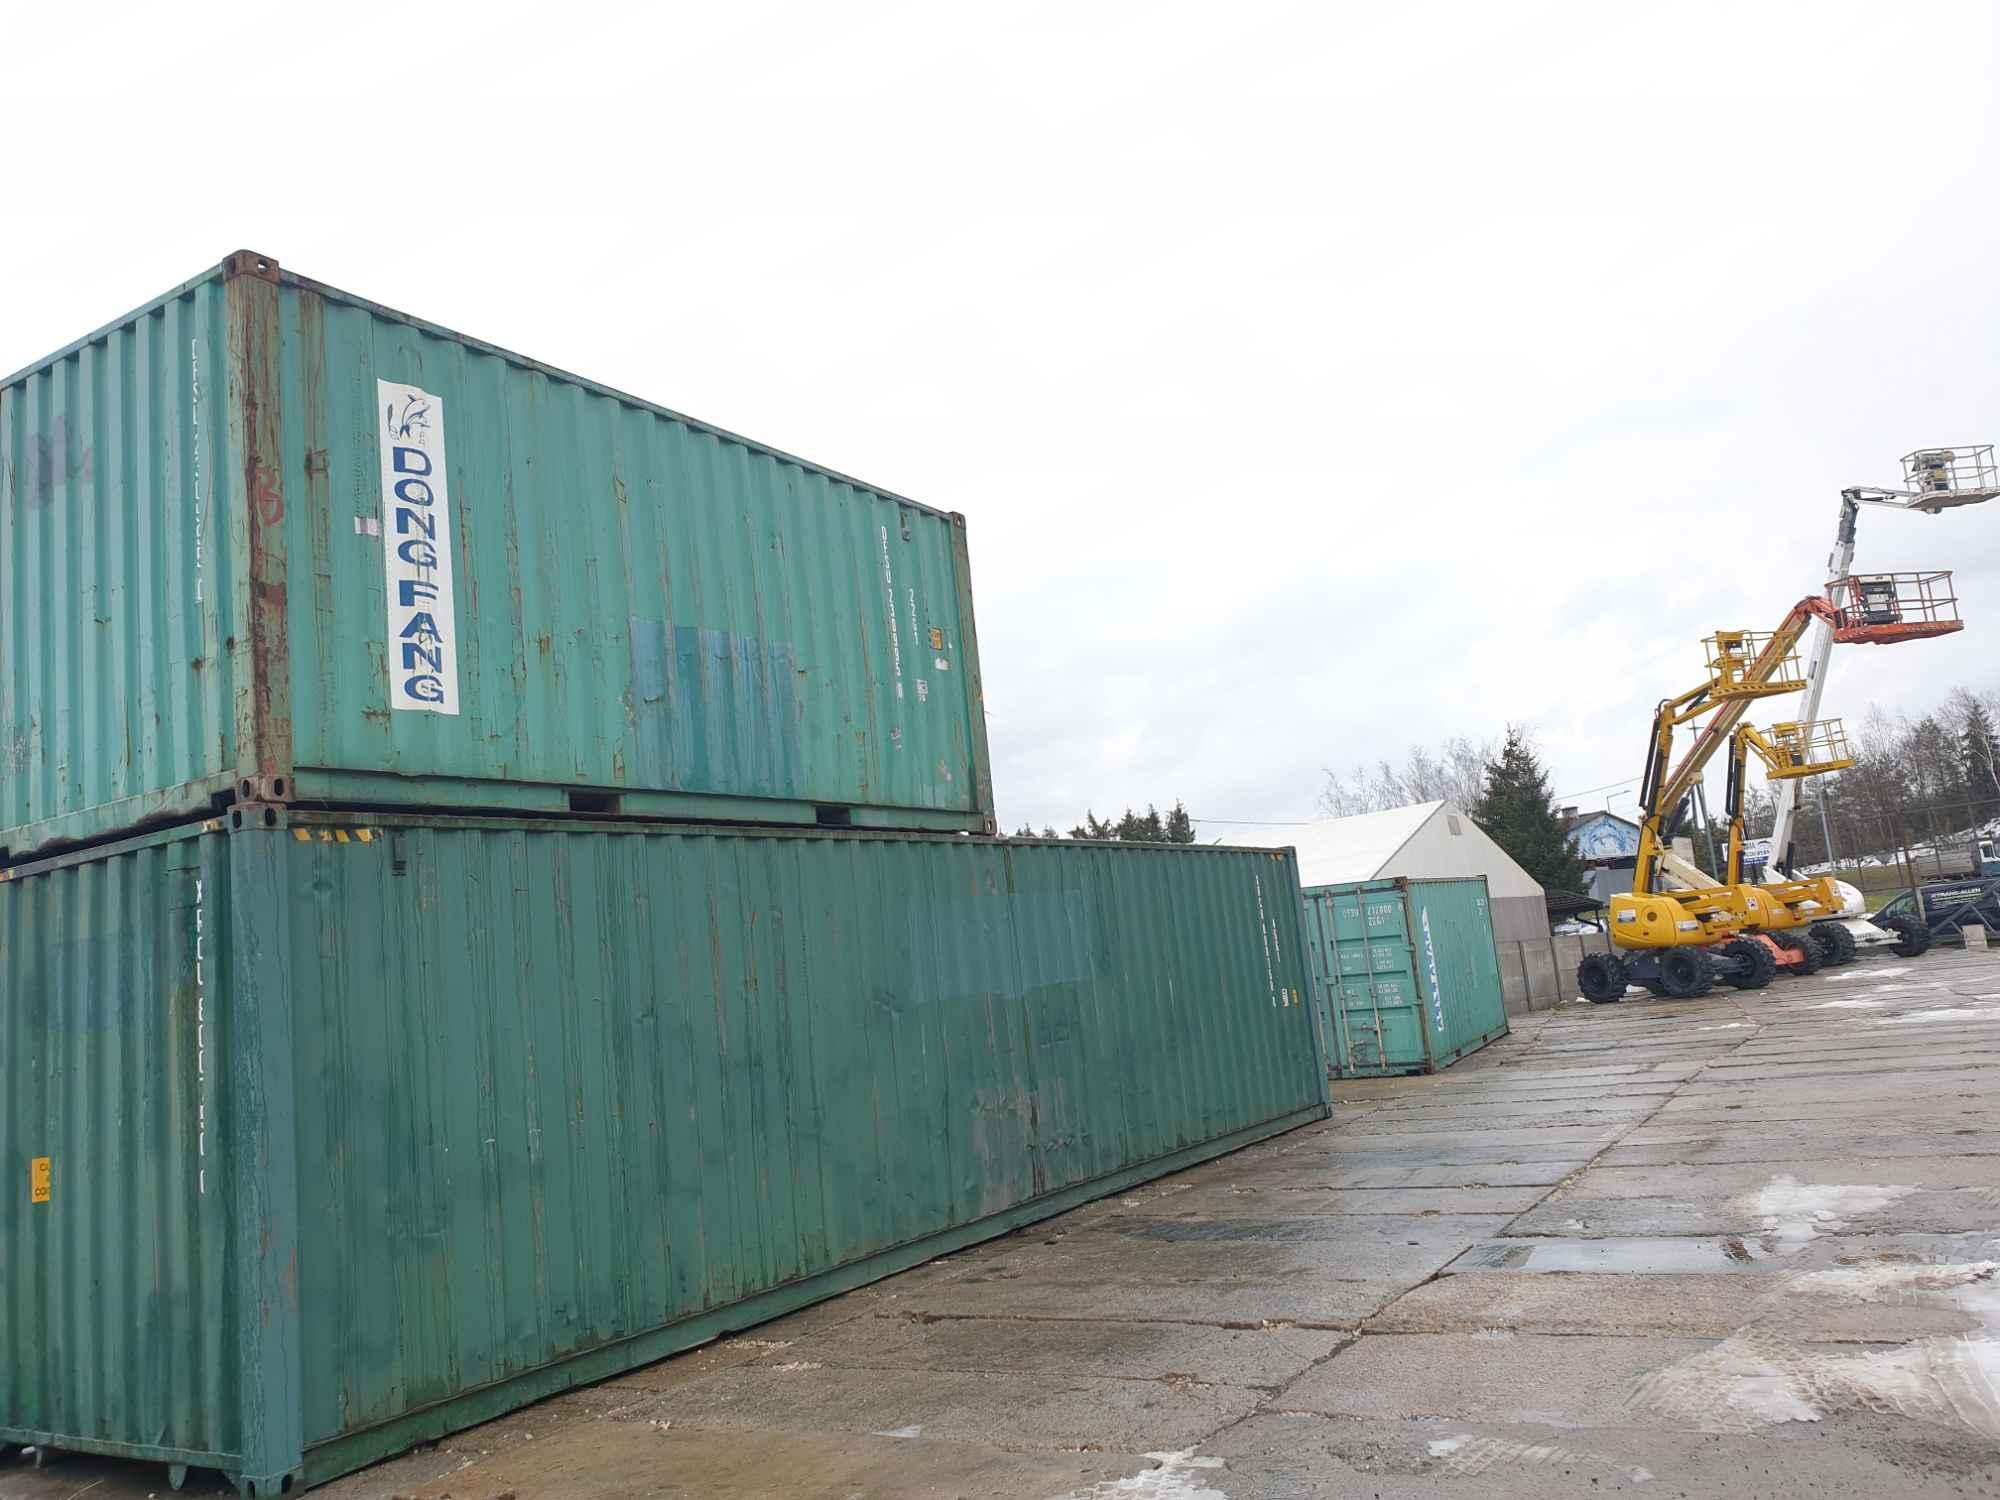 Sprzedaż kontenerów morskich Krosno Brzozów Iwonicz Rymanów Sanok Jasło - zdjęcie 2